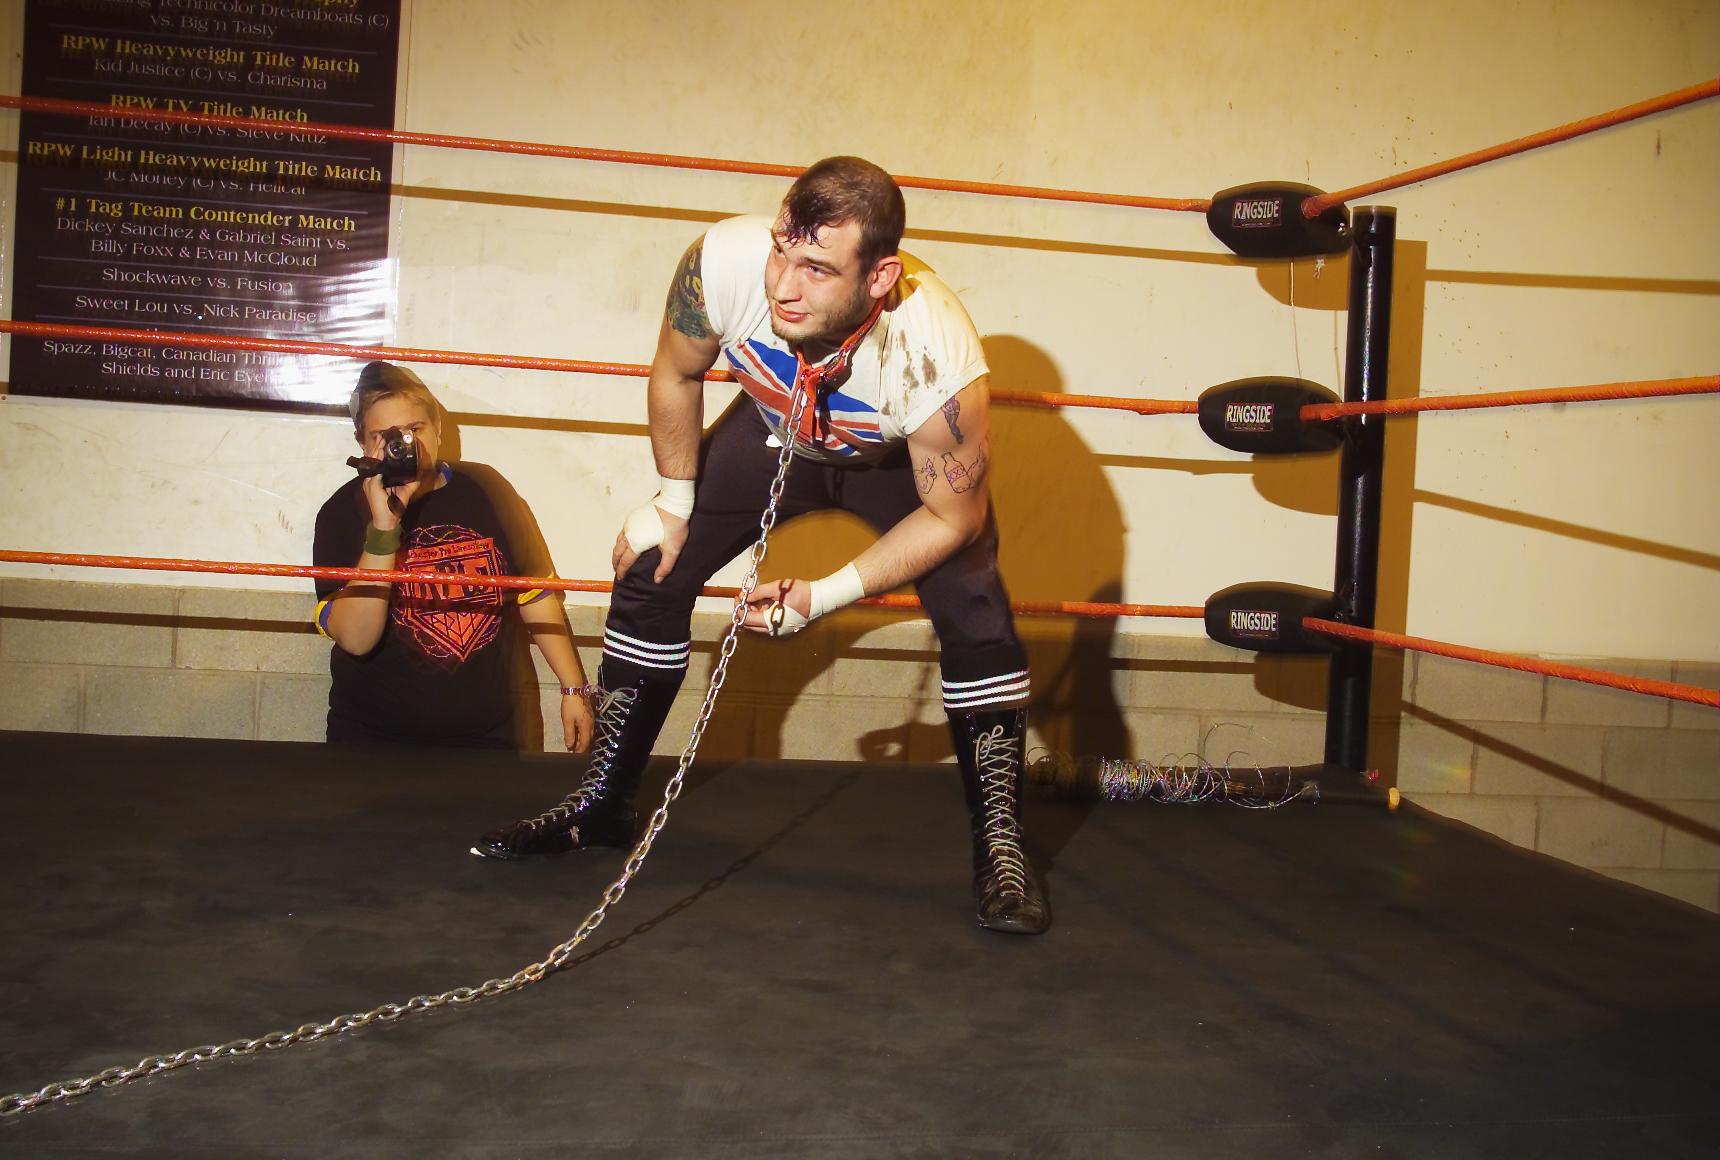 Wrestling_28.jpg